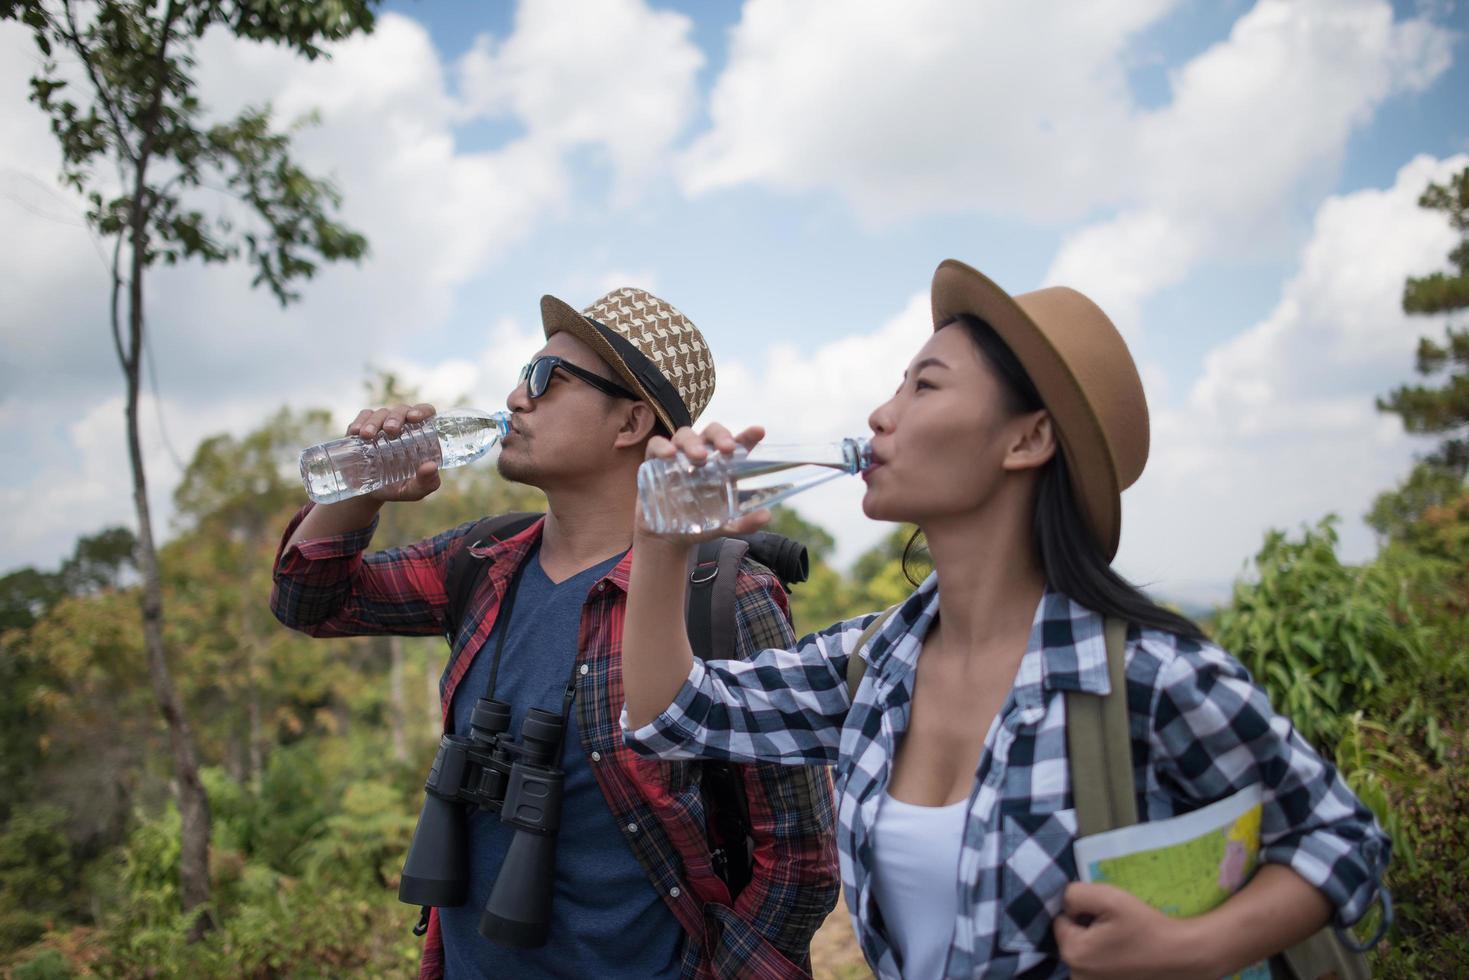 junge Wanderer trinken Wasser im Wald foto